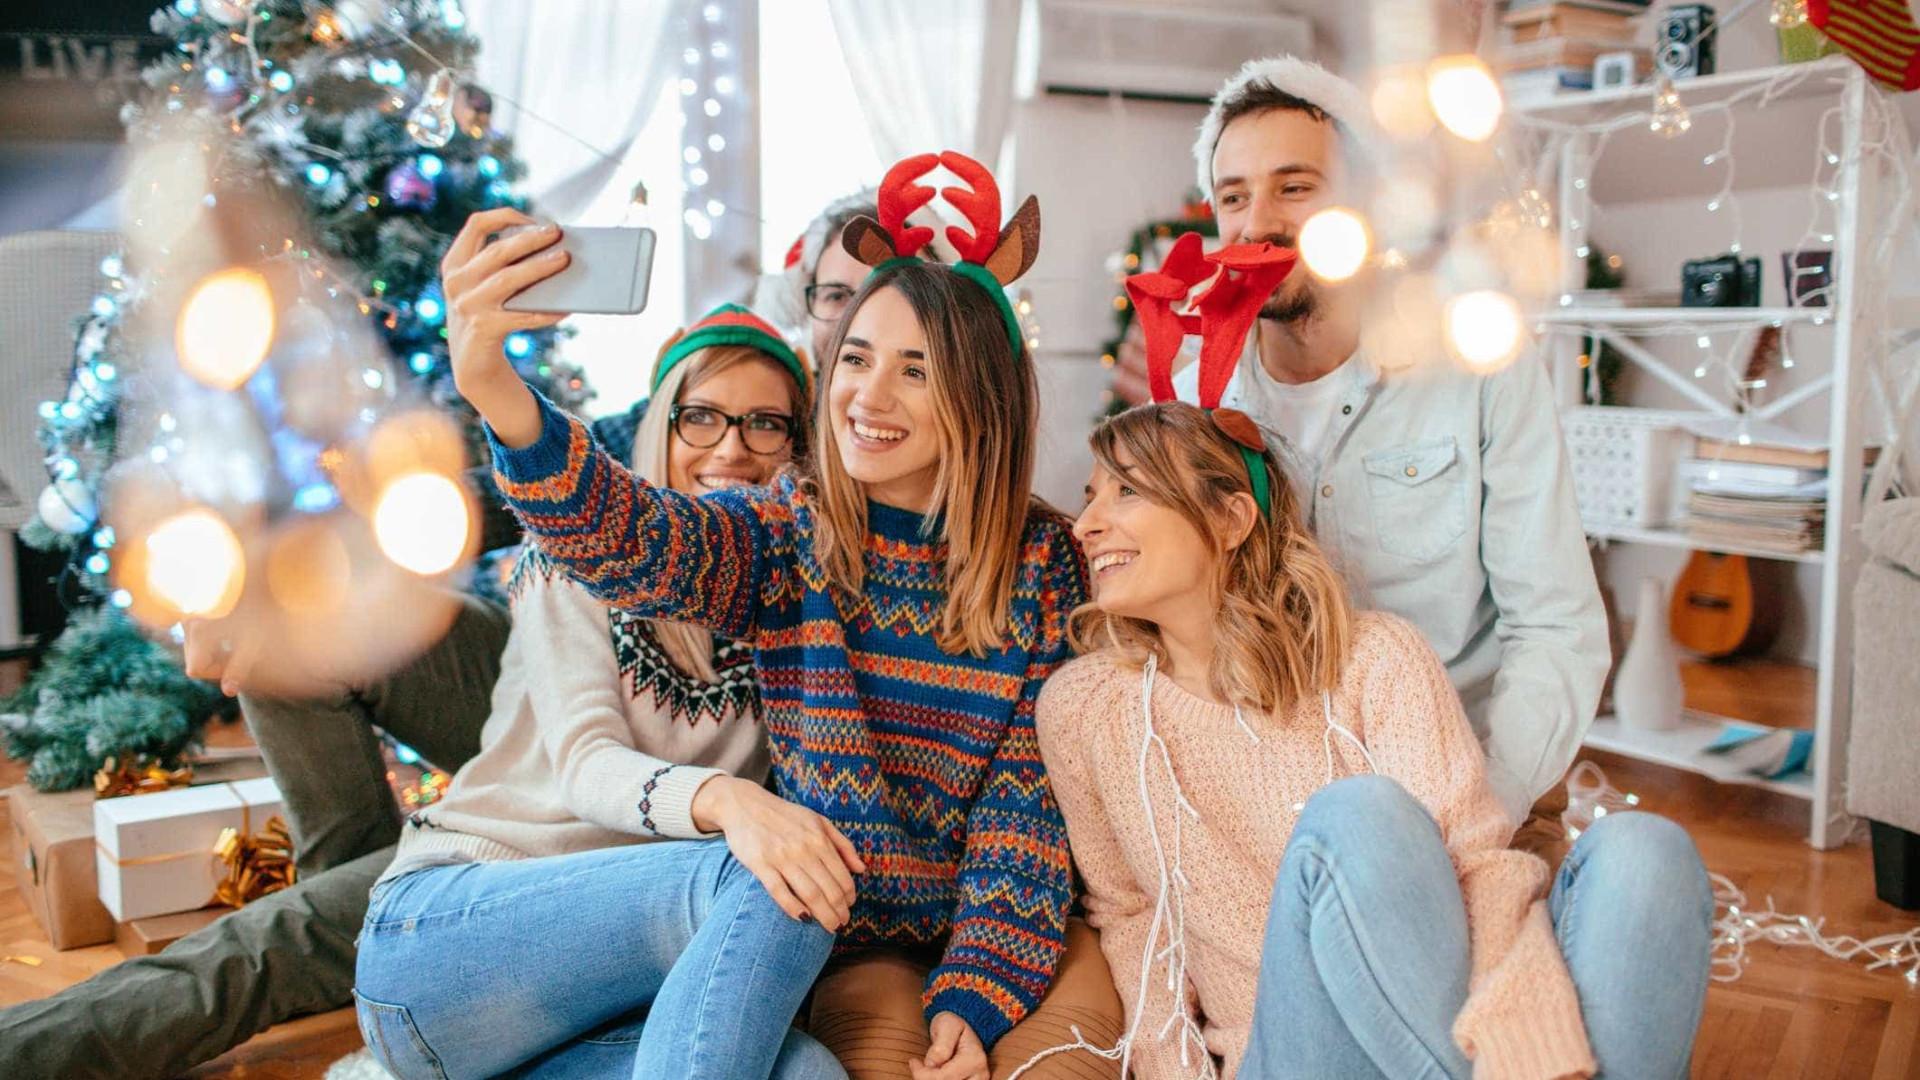 Natal está aí e o Facebook vai ajudá-lo a entrar no espírito natalício